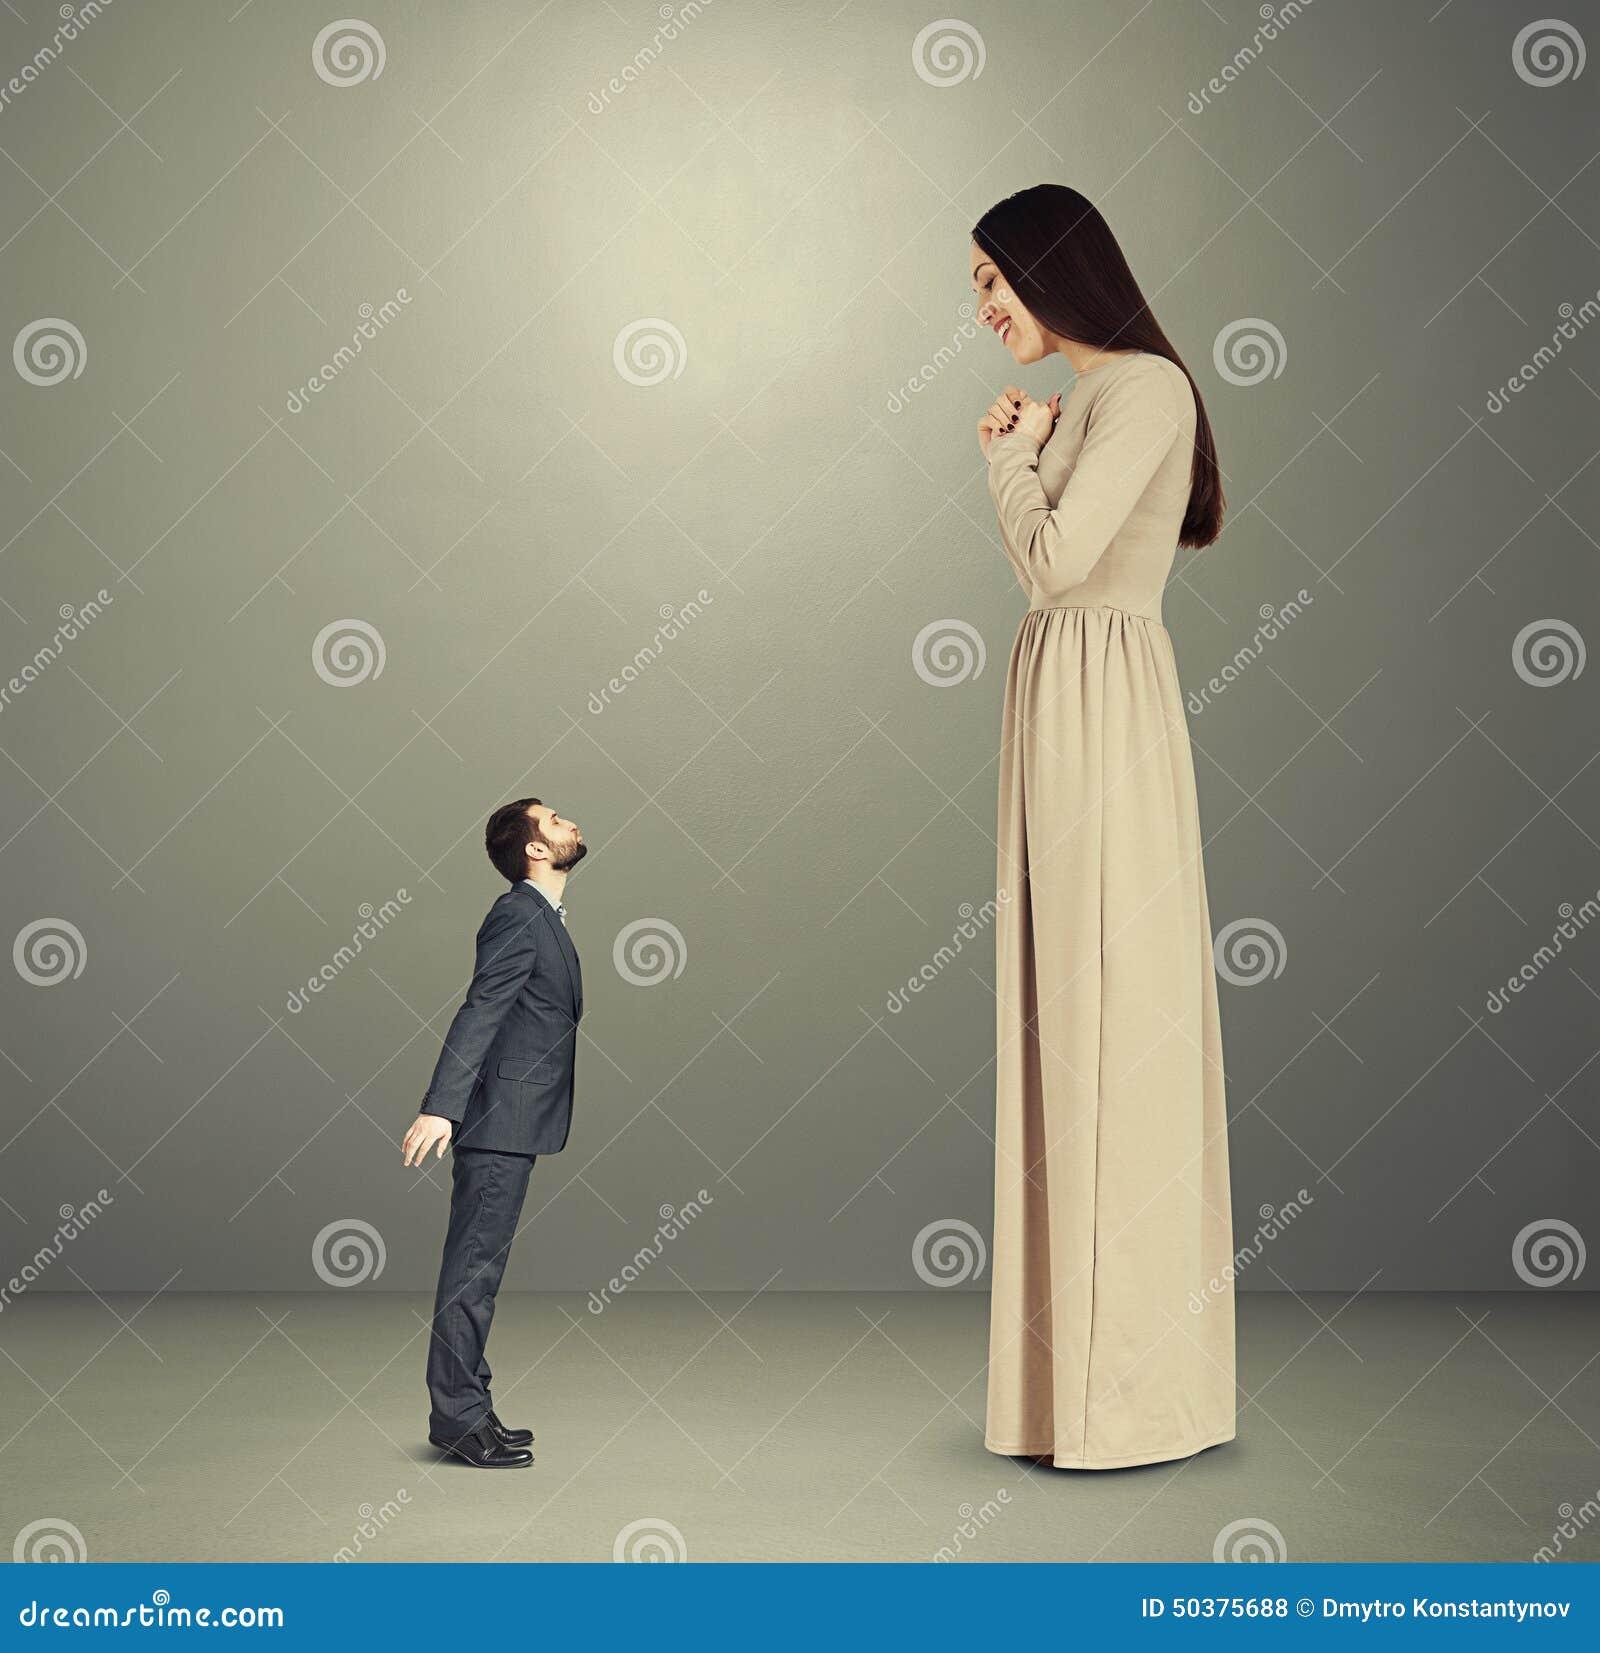 women looking for big men